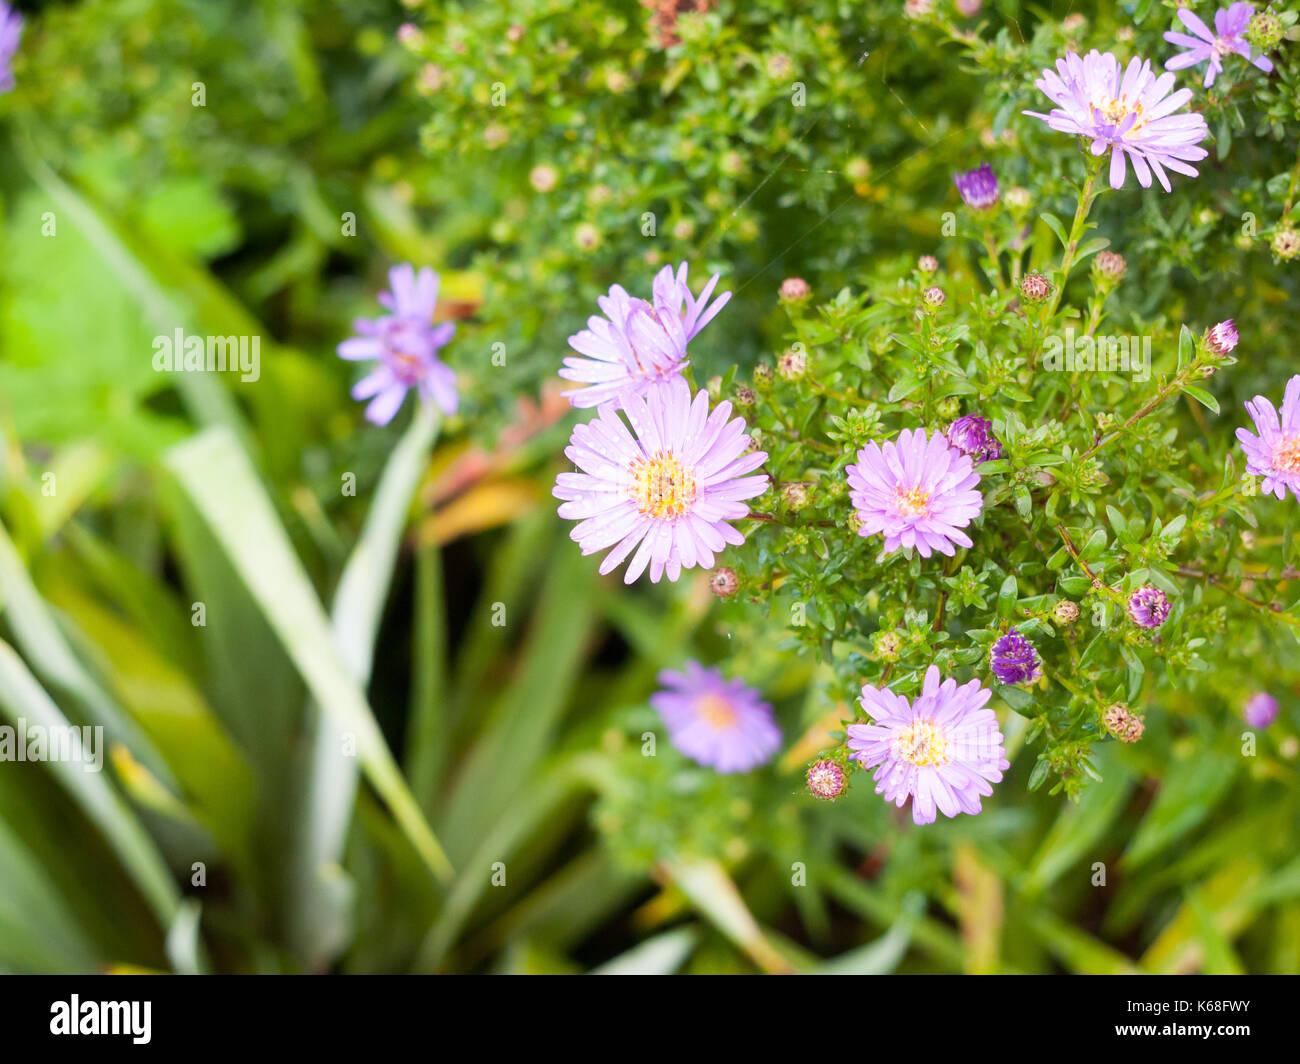 star shaped daisy stock photos & star shaped daisy stock images - alamy